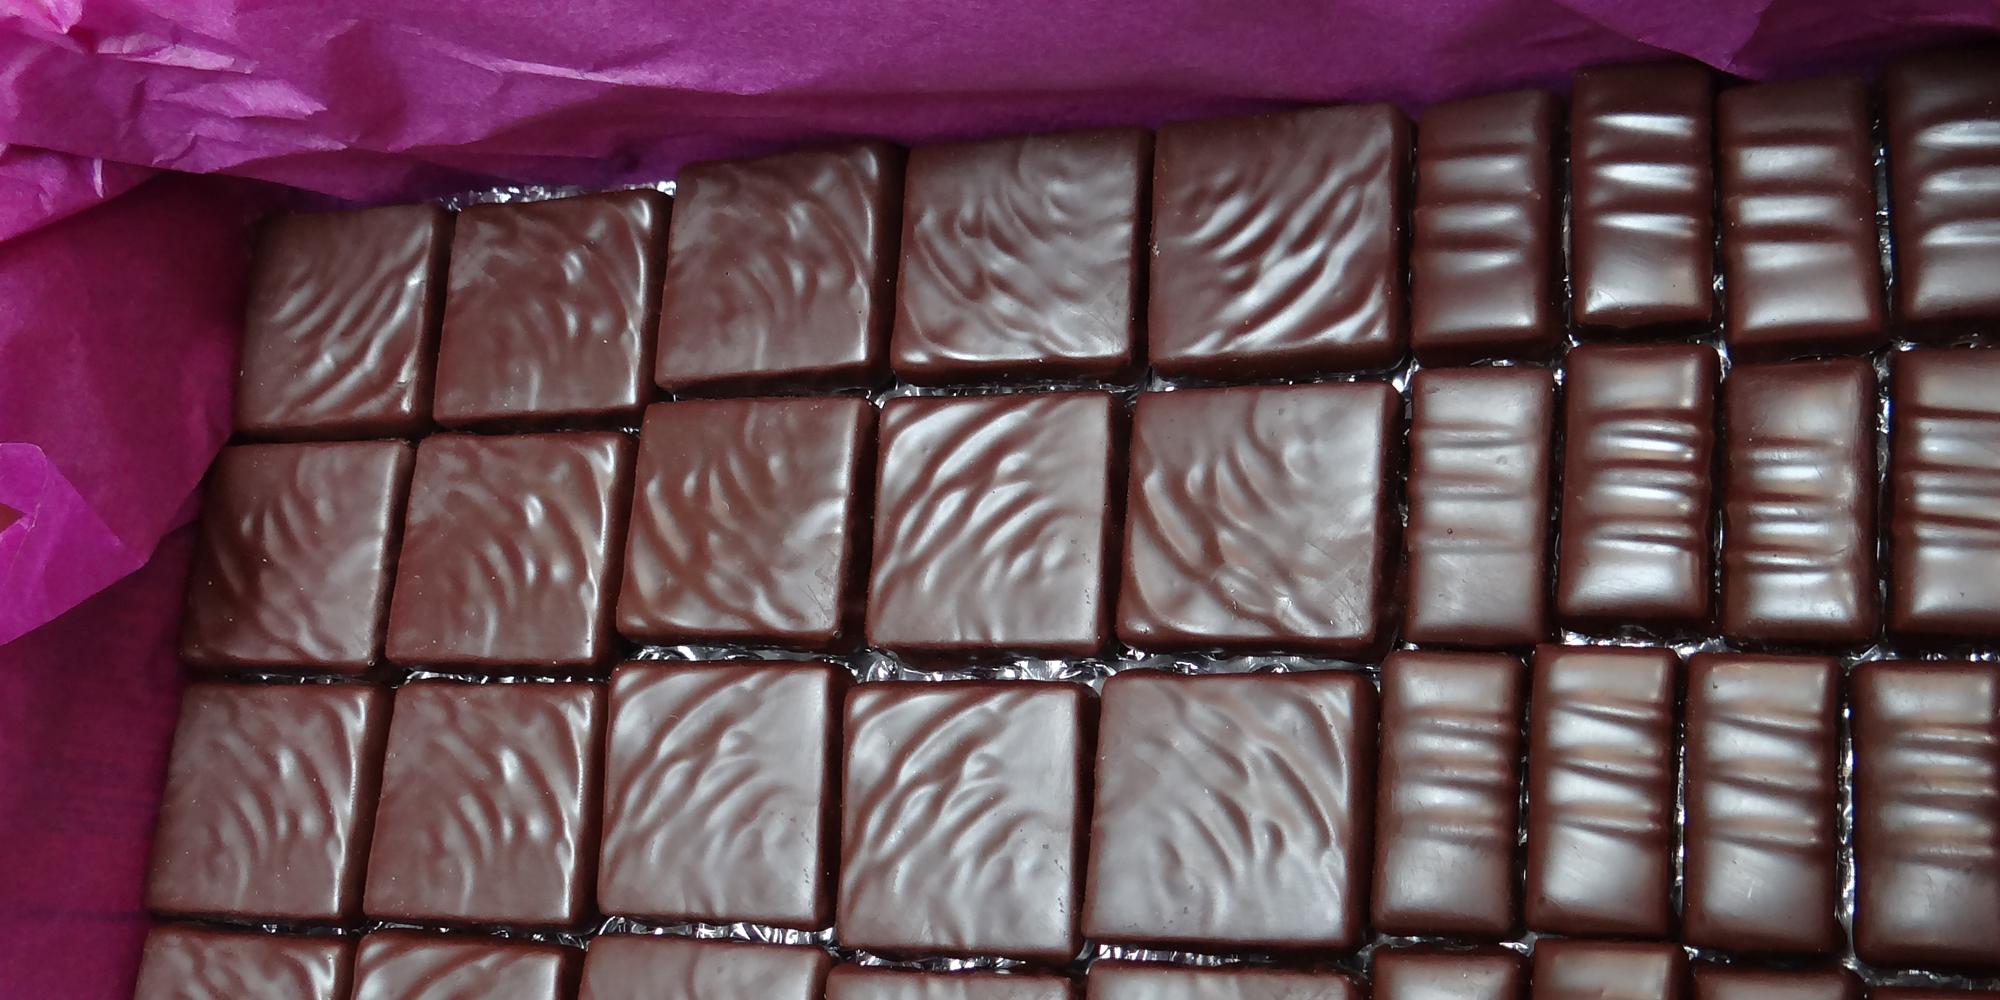 mise en carton avant expedition des chocolats factices pour l'export